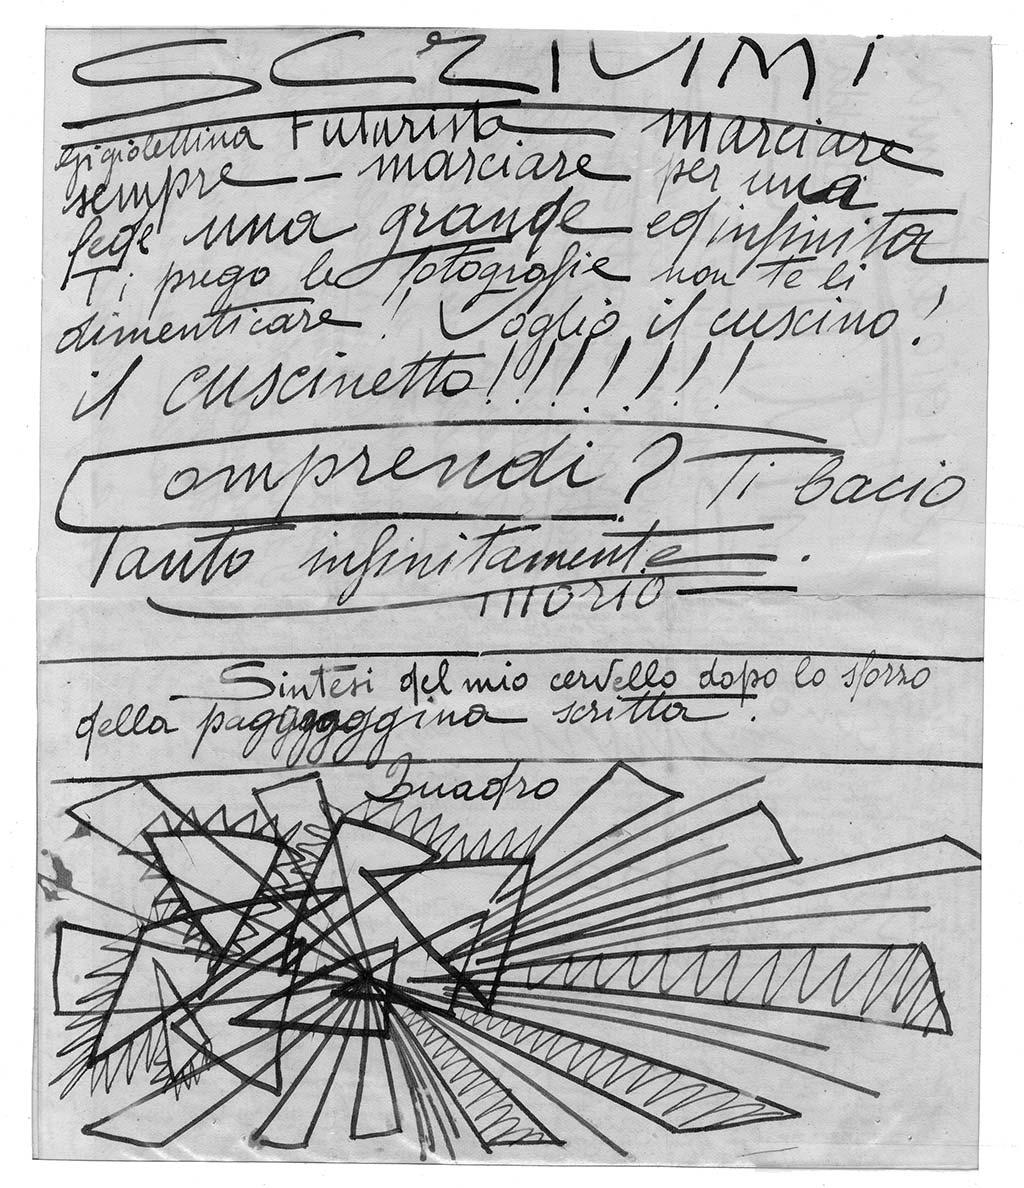 Gigioletta mia! Biedda!, pag.2, penna su carta, 1924, collezione privata